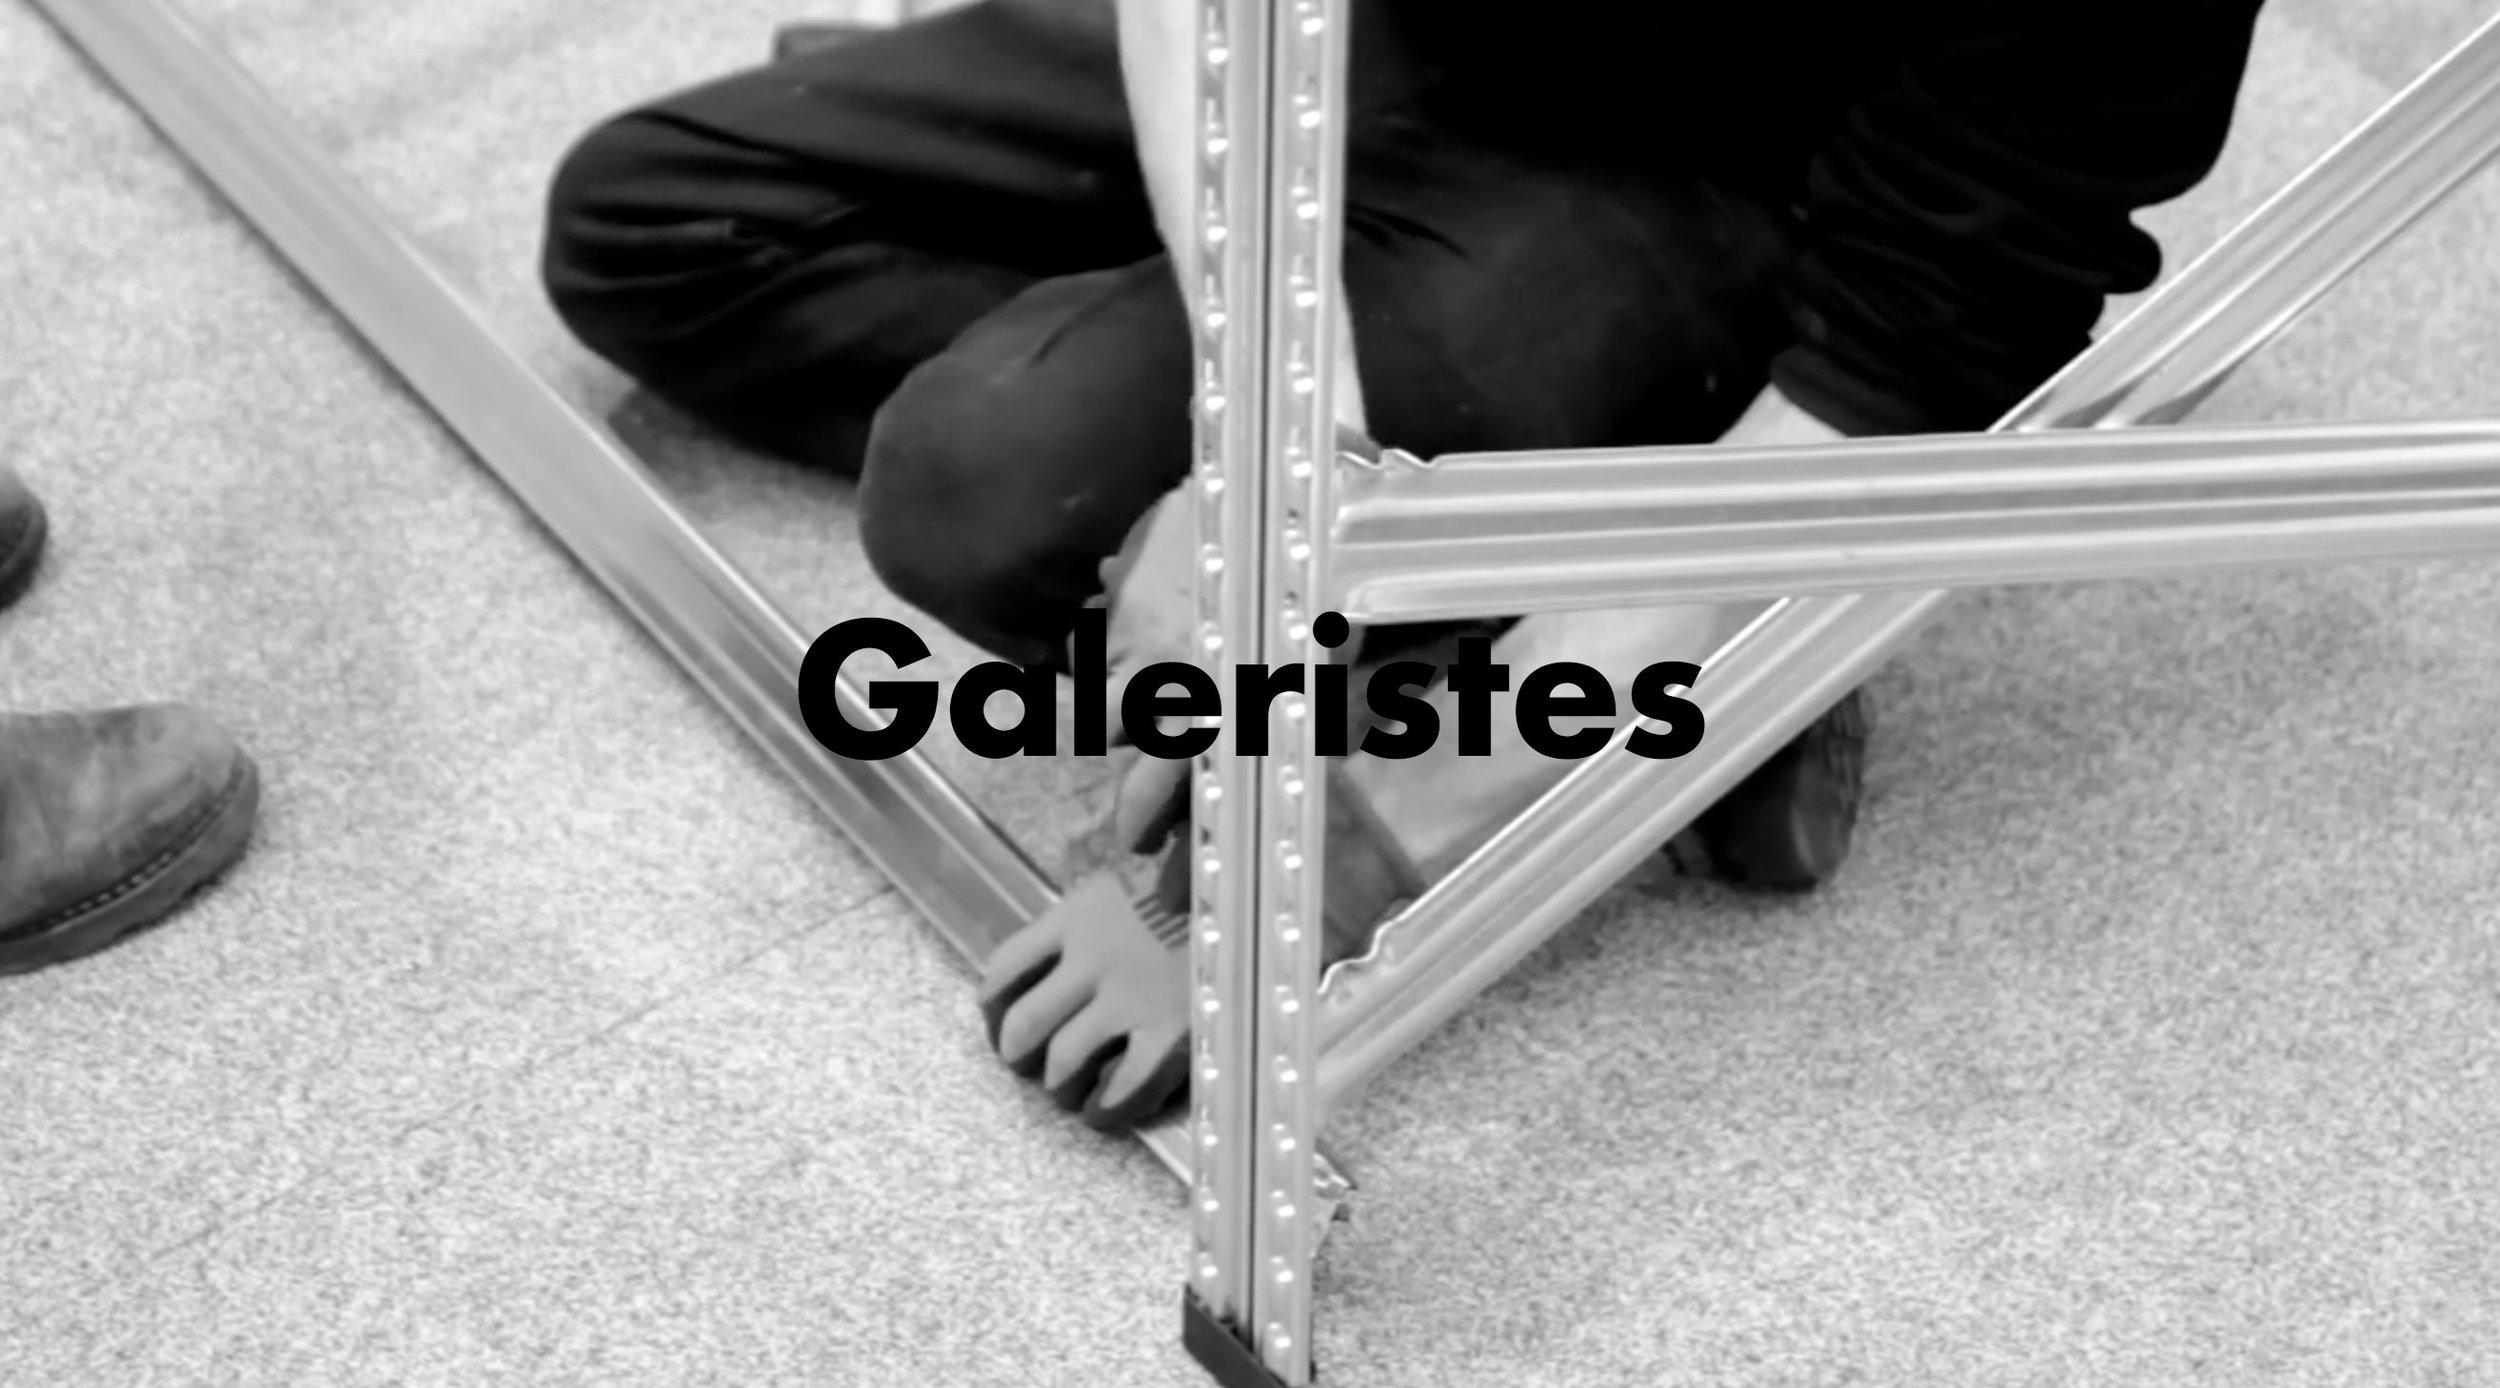 Galeristes.jpg